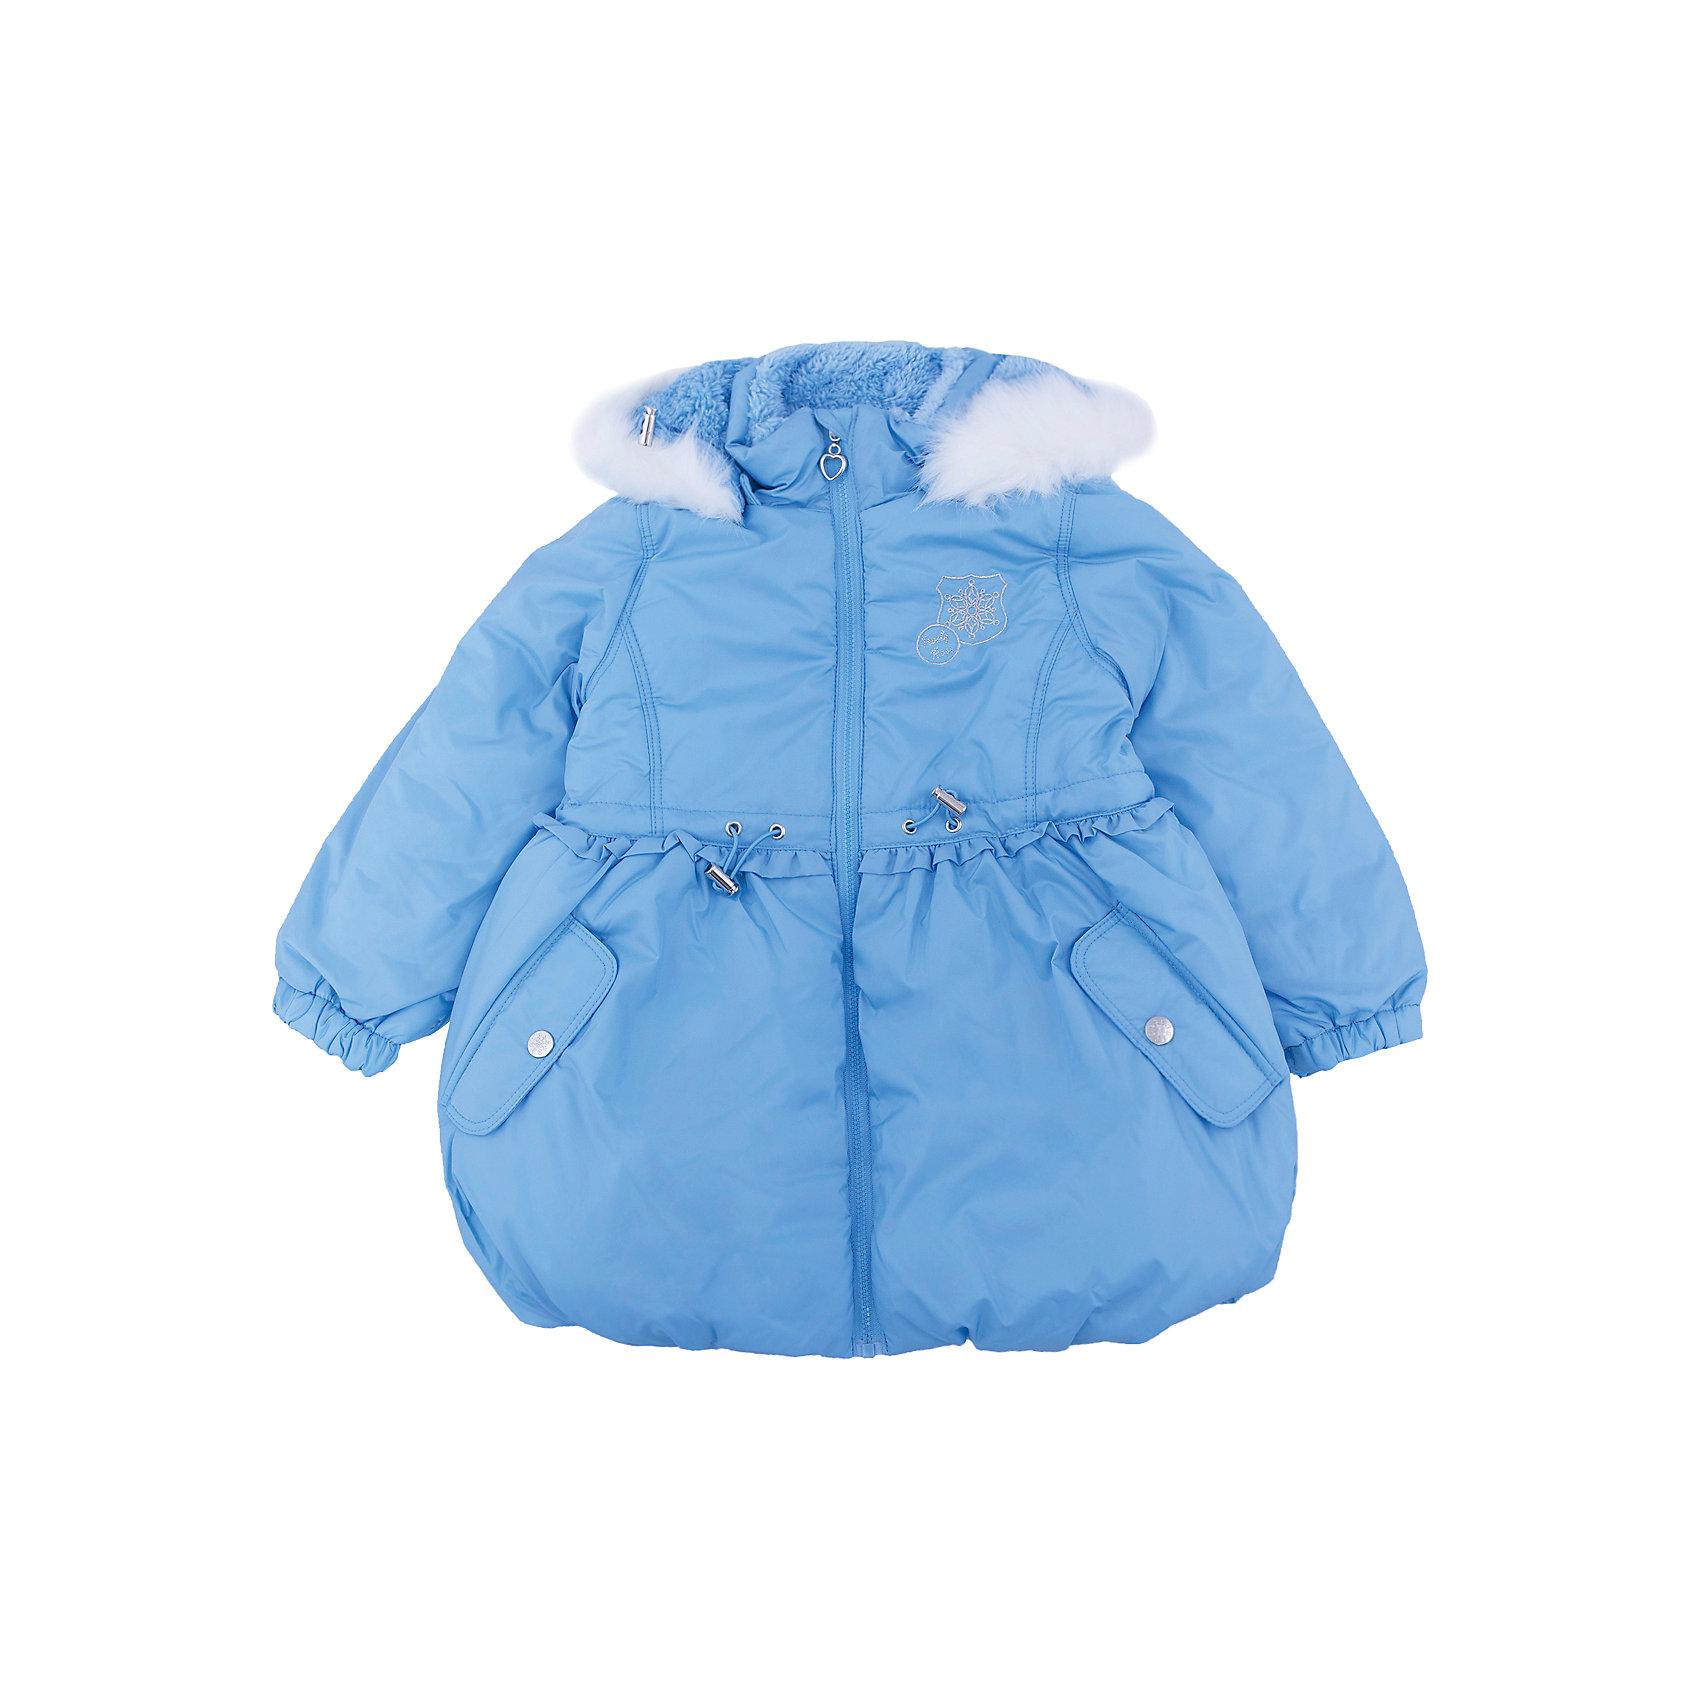 Пальто для девочки SELAВерхняя одежда<br>Такое стильное утепленное пальто - незаменимая вещь в прохладное время года. Эта модель отлично сидит на ребенке, она сшита из плотного материала, позволяет гулять и заниматься спортом на свежем воздухе. Подкладка и утеплитель обеспечивают ребенку комфорт. Модель дополнена капюшоном и карманами.<br>Одежда от бренда Sela (Села) - это качество по приемлемым ценам. Многие российские родители уже оценили преимущества продукции этой компании и всё чаще приобретают одежду и аксессуары Sela.<br><br>Дополнительная информация:<br><br>планка от ветра;<br>материал: 100% нейлон; подкладка:100% ПЭ; утеплитель:100% ПЭ; мех:100% ПЭ;<br>капюшон отстегивается;<br>карманы;<br>молния.<br><br>Пальто для девочки от бренда Sela можно купить в нашем интернет-магазине.<br><br>Ширина мм: 356<br>Глубина мм: 10<br>Высота мм: 245<br>Вес г: 519<br>Цвет: голубой<br>Возраст от месяцев: 60<br>Возраст до месяцев: 72<br>Пол: Женский<br>Возраст: Детский<br>Размер: 116,98,110,104<br>SKU: 4912921